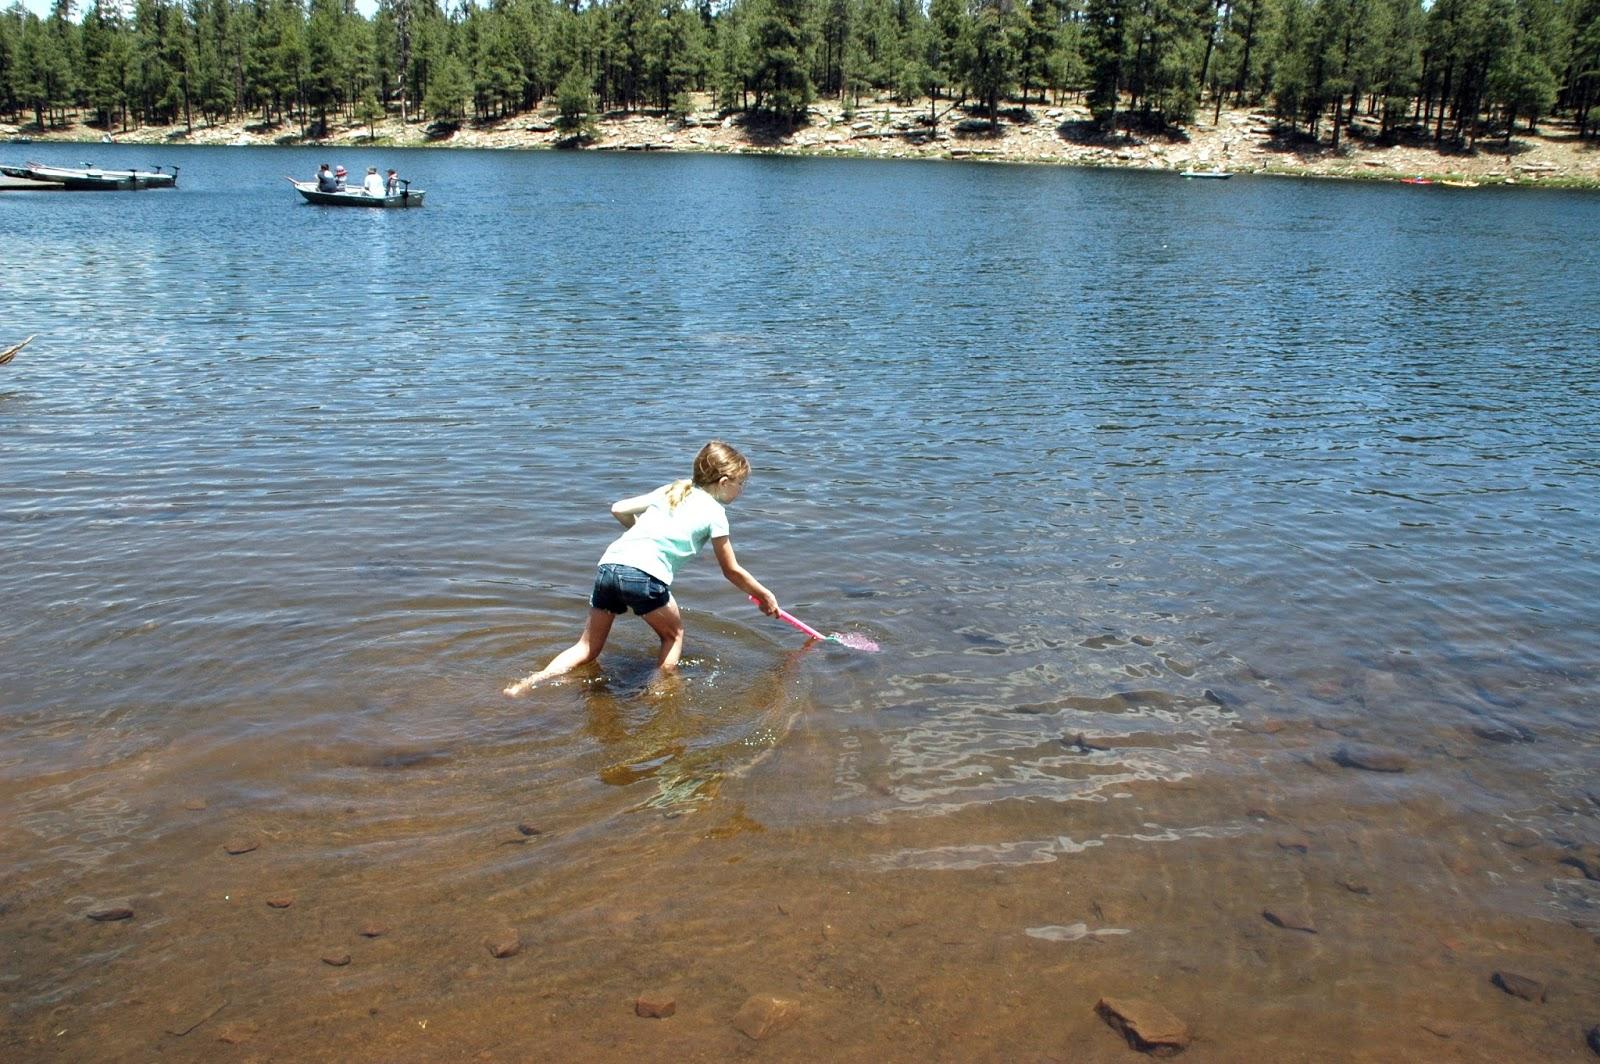 Marley grayson 39 s super fantastic blog camping at woods for Canyon lake az fishing